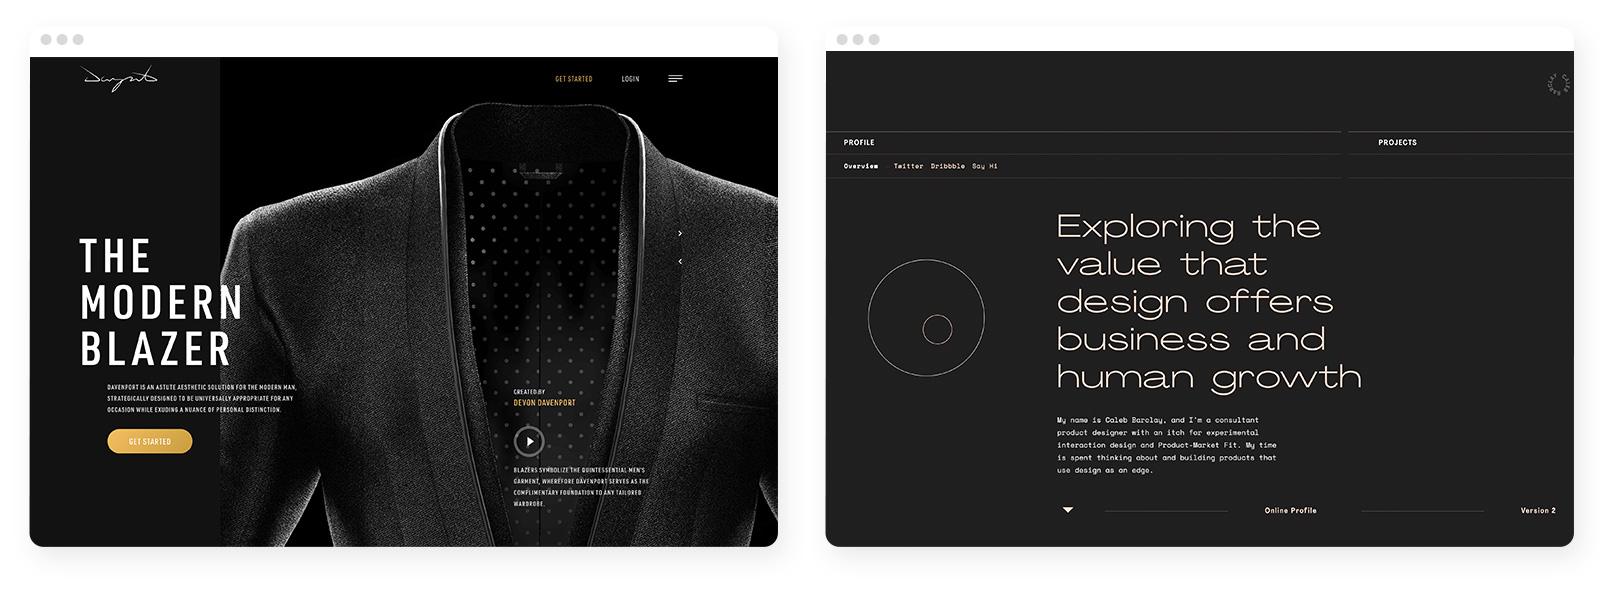 43 wichtige und aktuelle Webdesign-Trends im Überblick 7